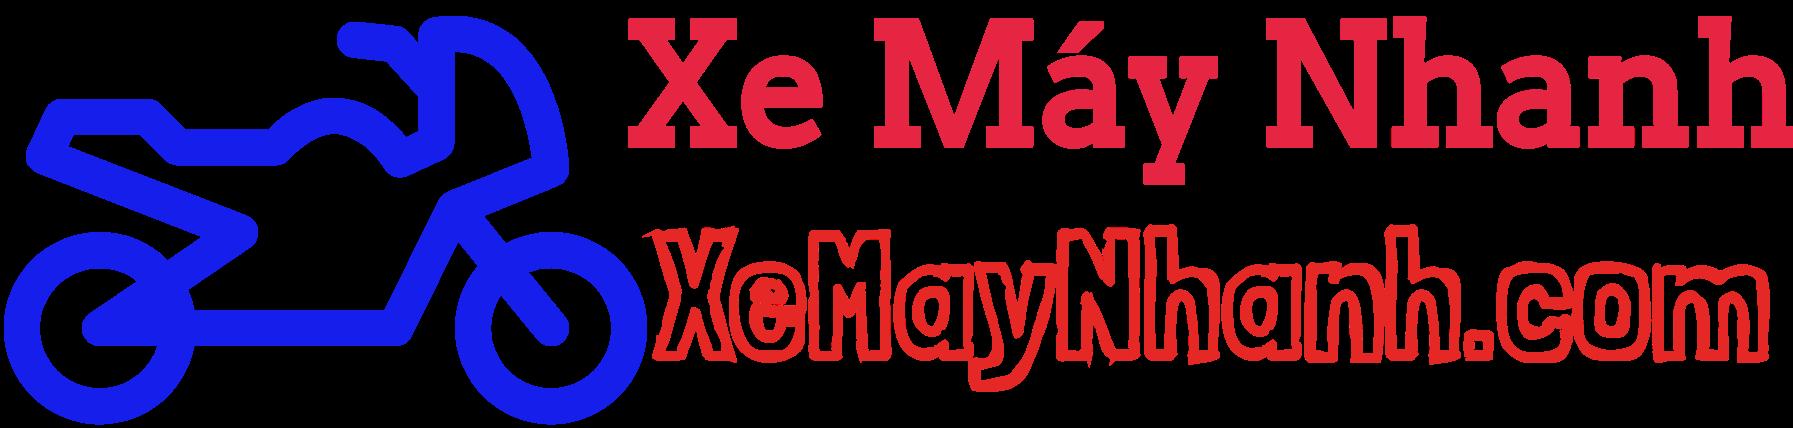 xe côn tay, tag của Chuyên trang Xe Máy của MuaBanNhanh, Trang 1